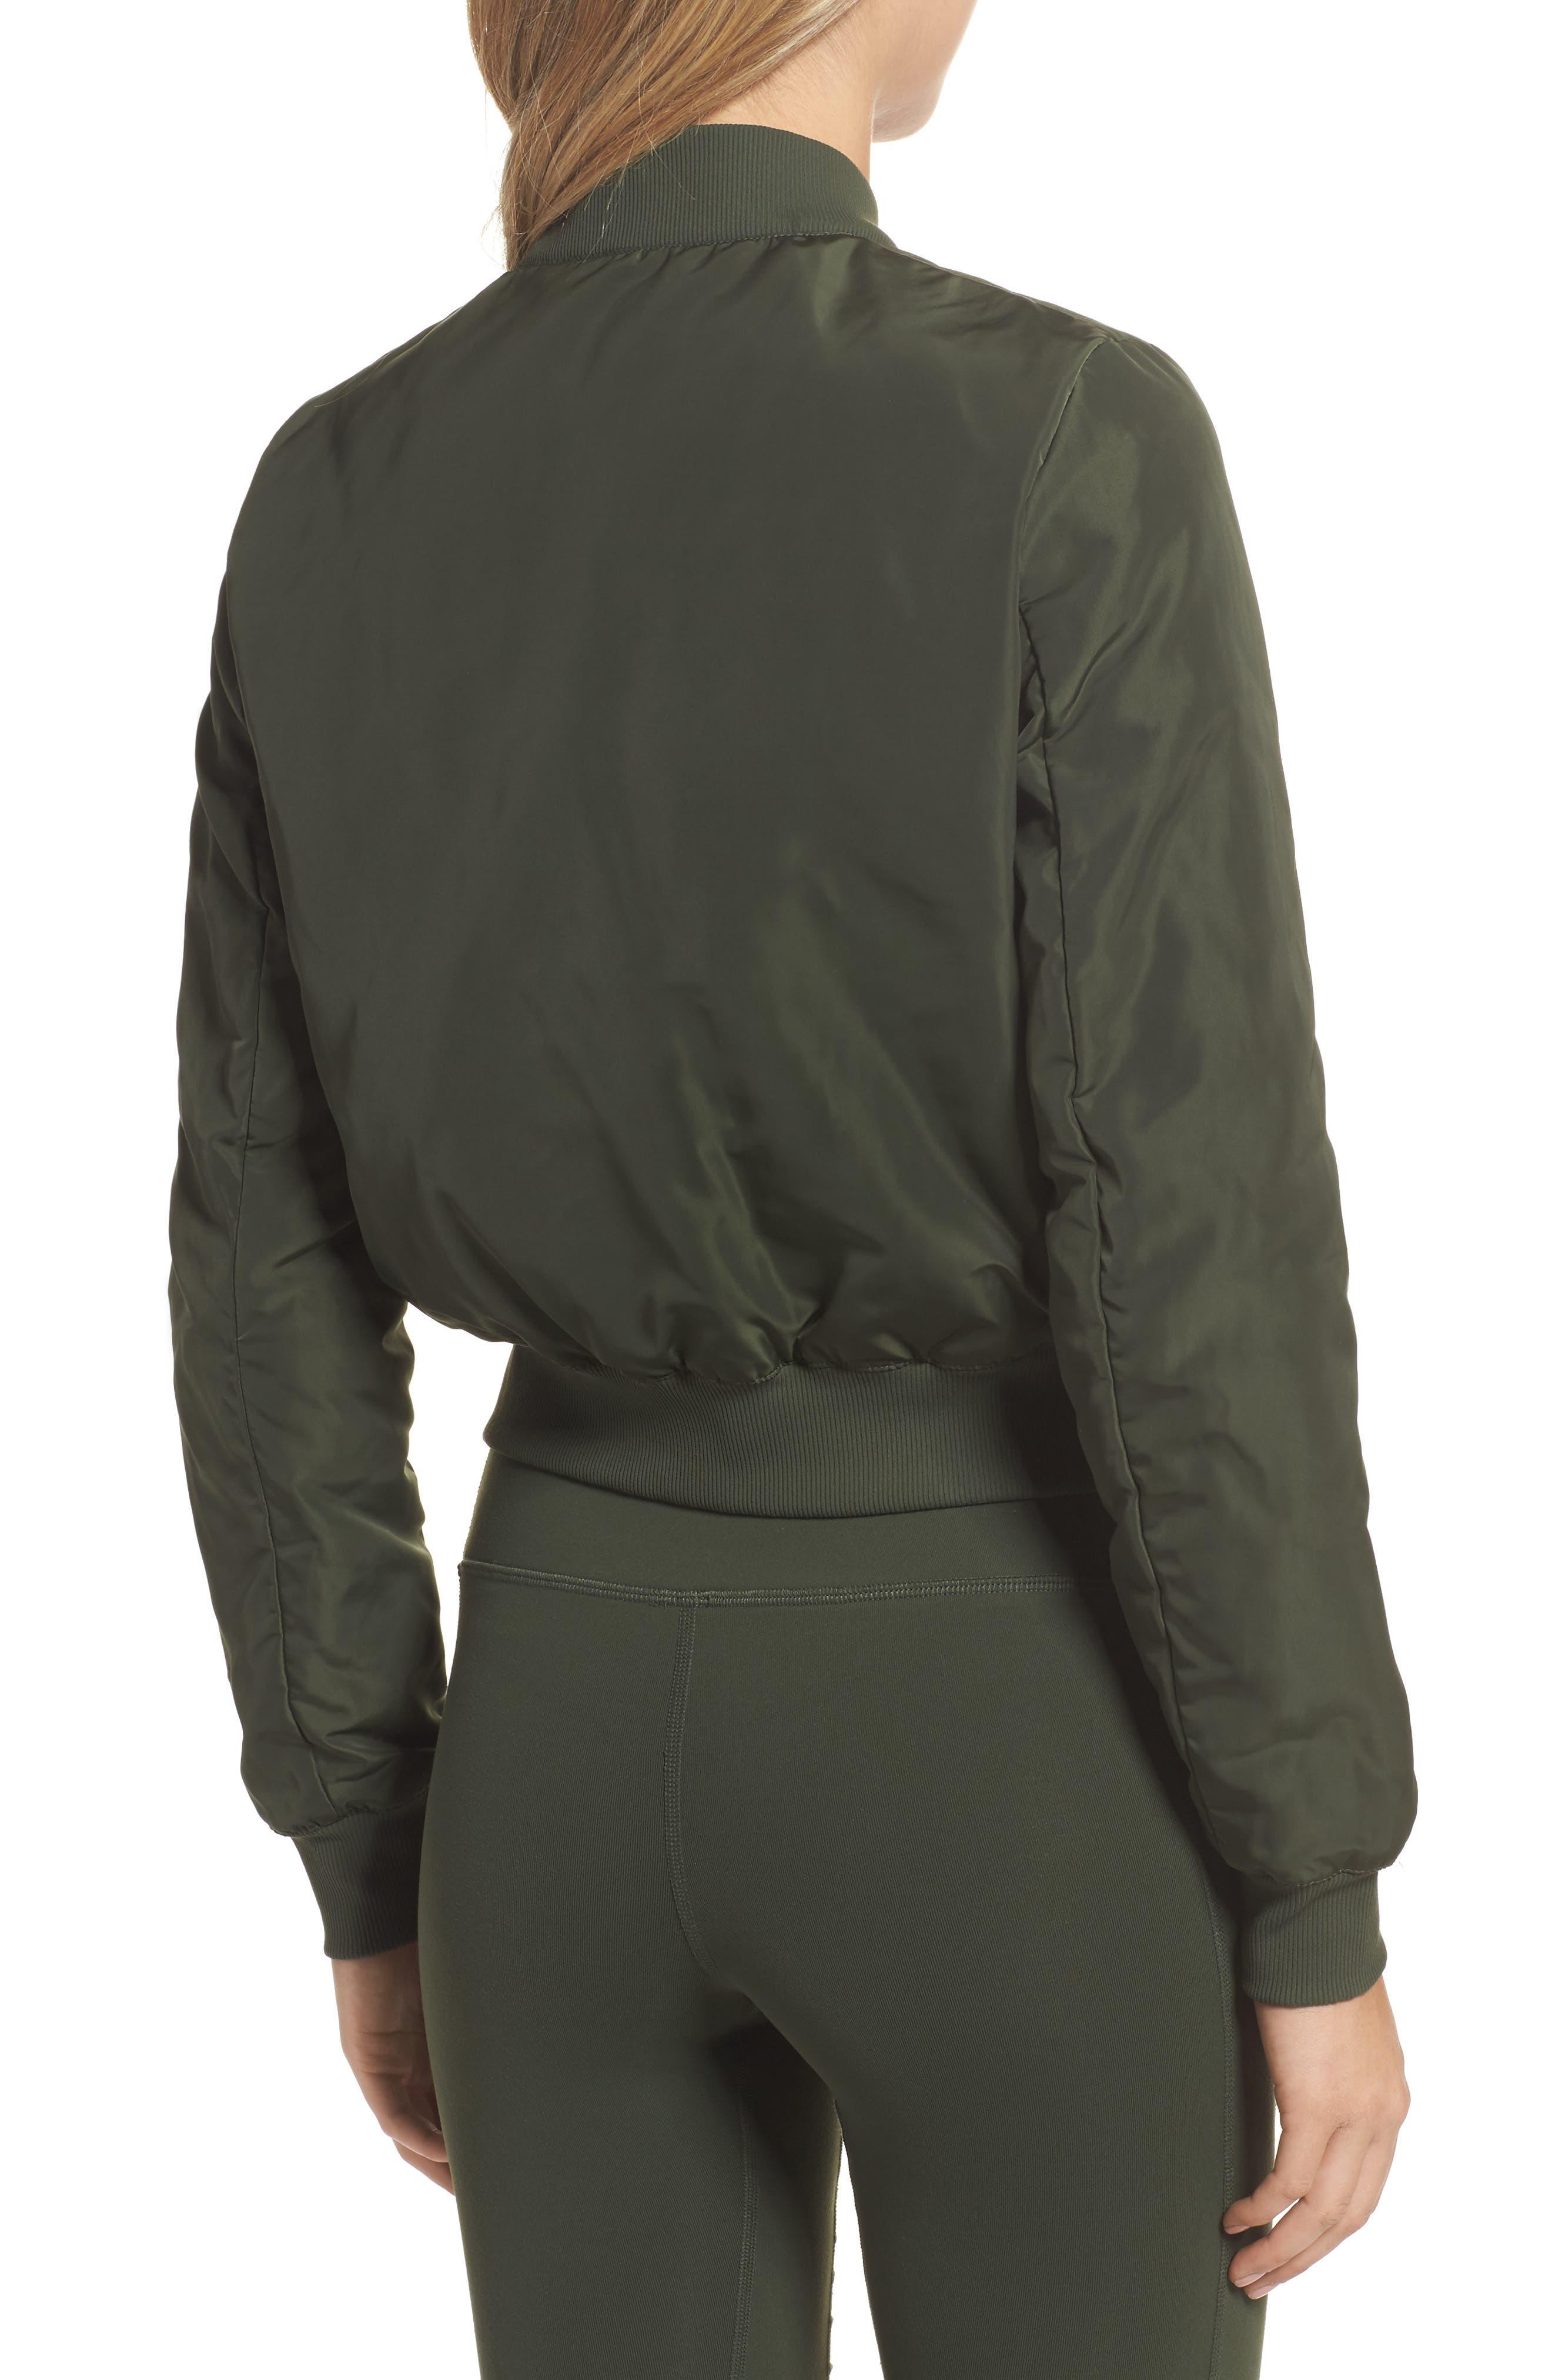 Alternate Image 2  - Alo Off Duty Bomber Jacket